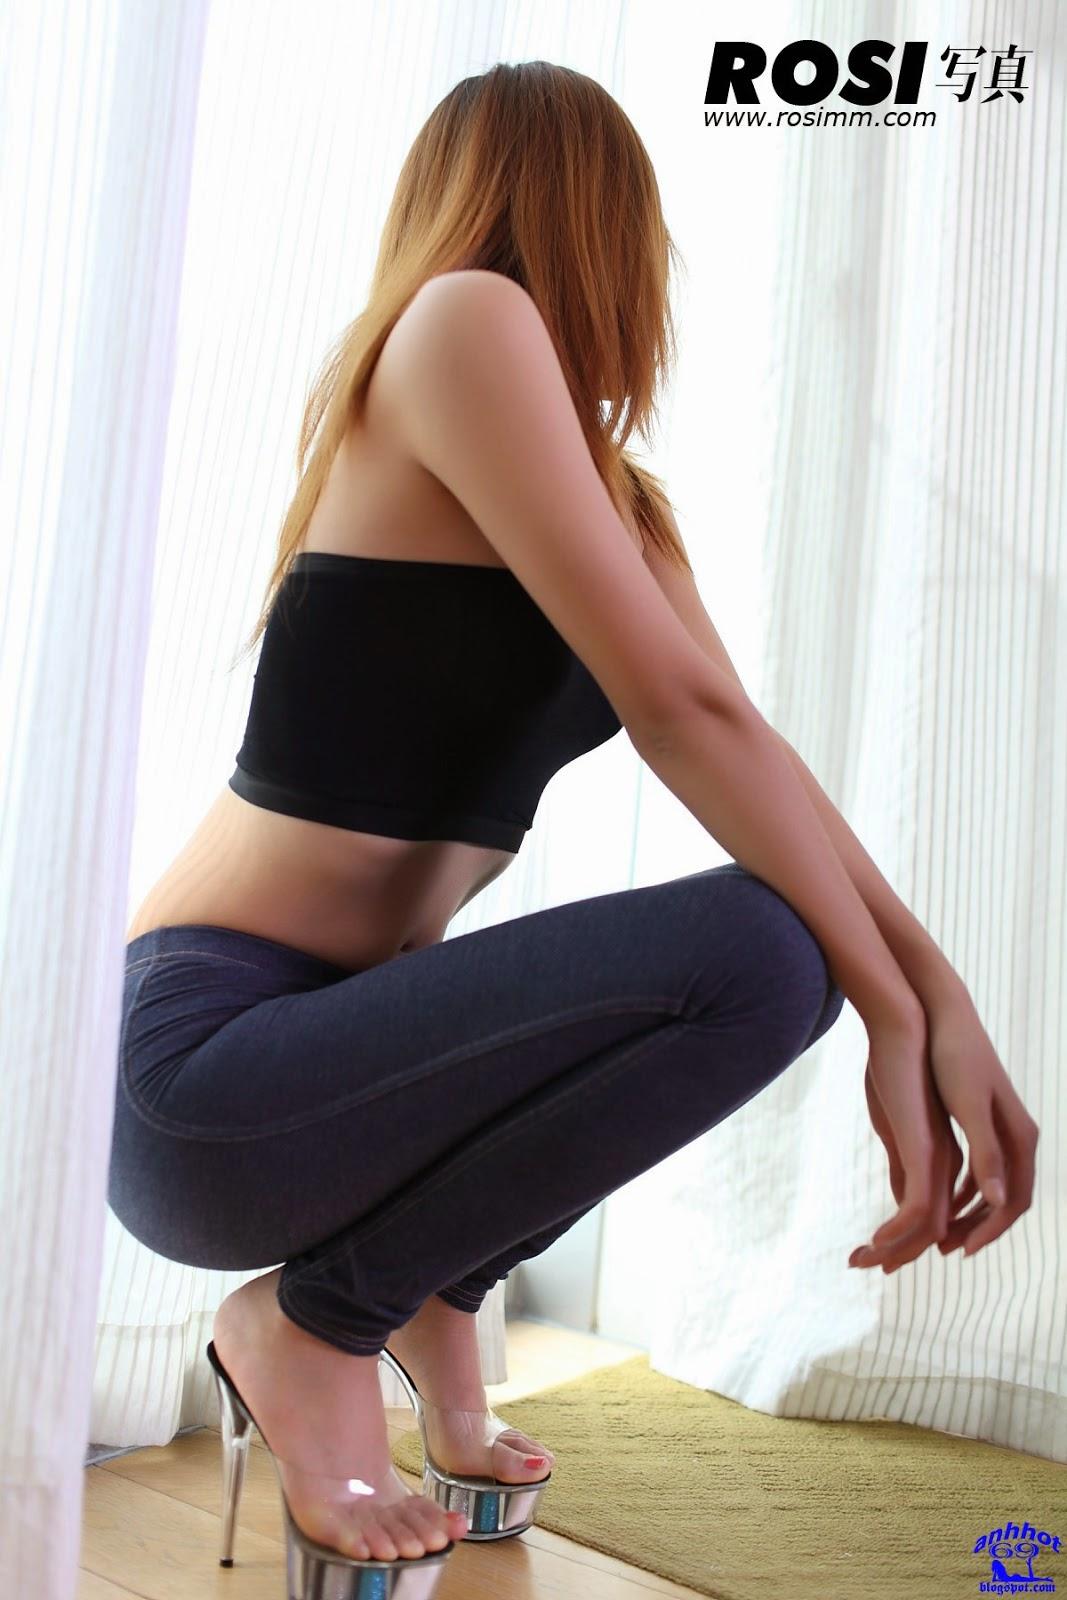 model_girl-rosi-01107909